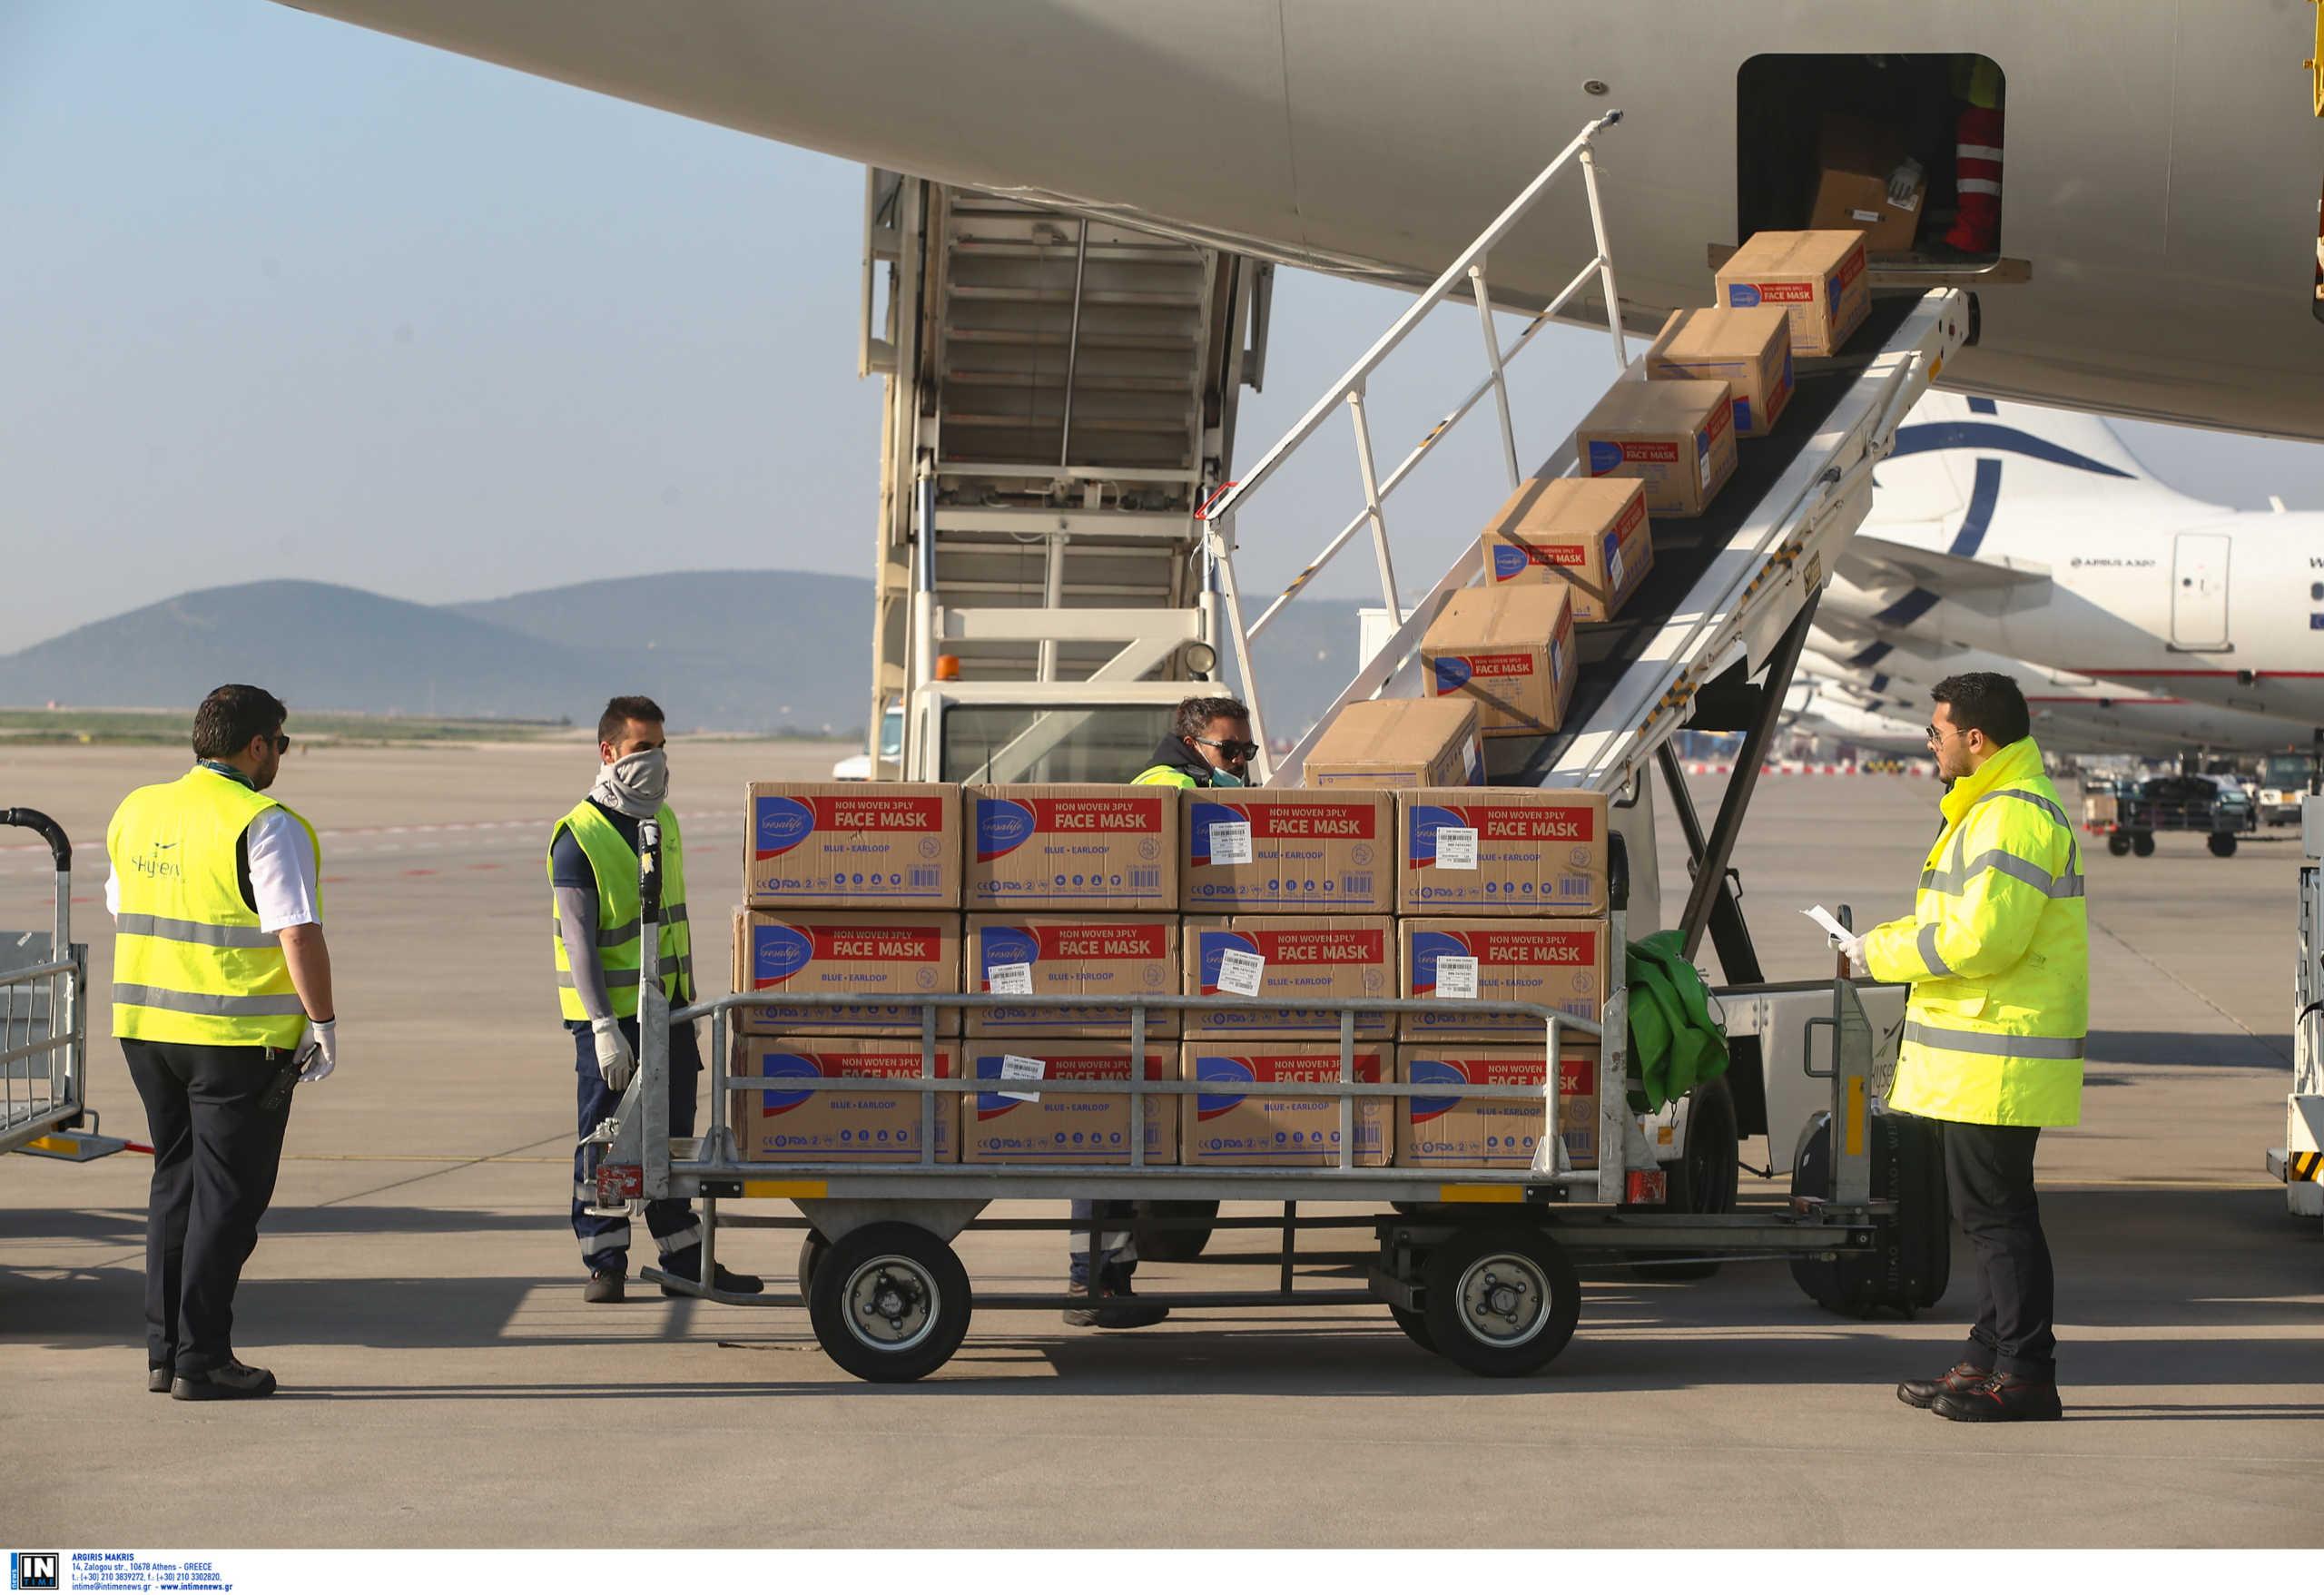 Κορονοϊός: Απαλλαγή του ΦΠΑ για αγαθά και υπηρεσίες που δίνονται δωρεά στο Δημόσιο